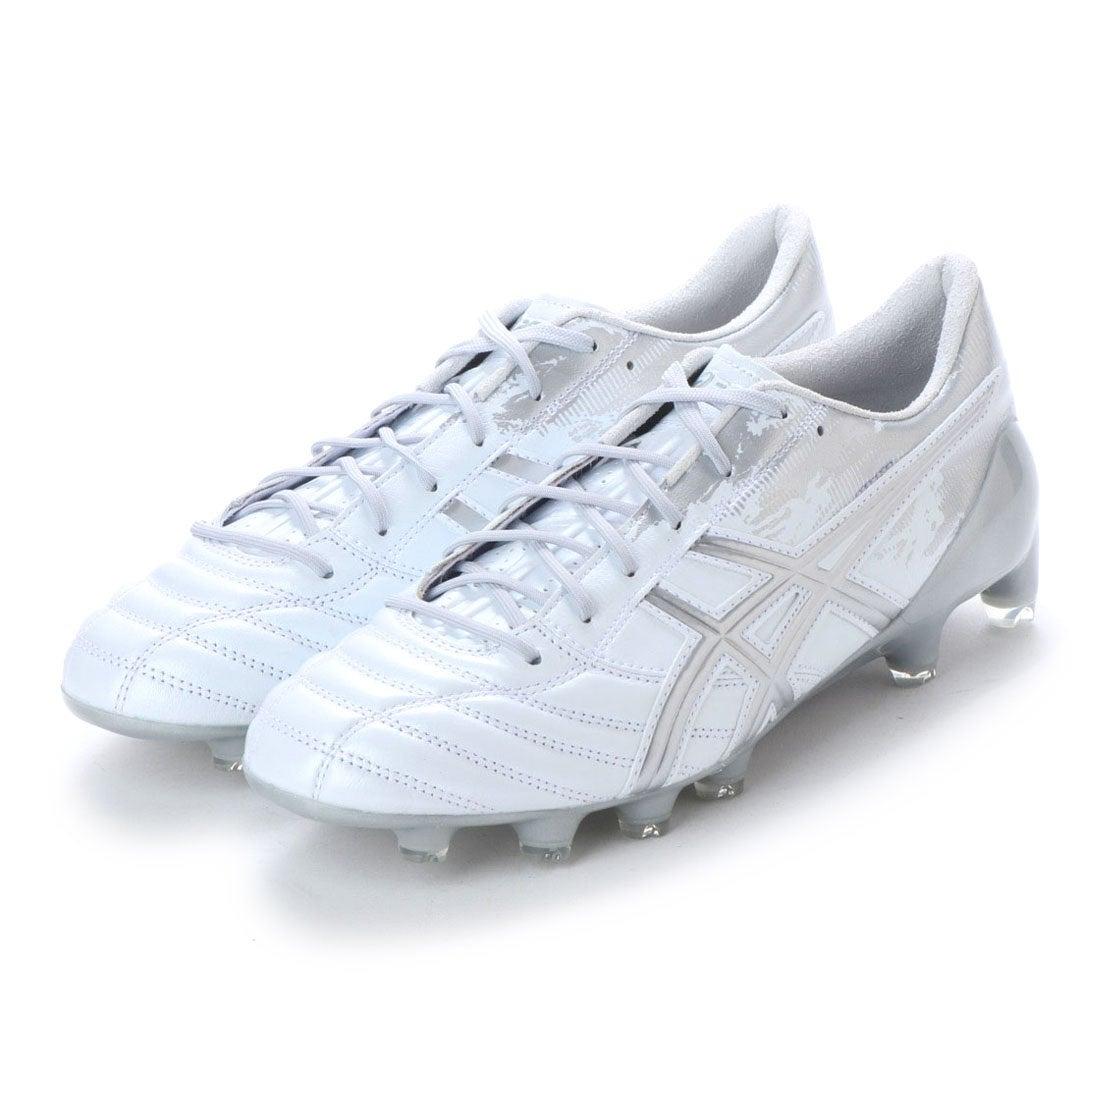 ロコンド 靴とファッションの通販サイトアシックス asics サッカー スパイクシューズ ディーエス ライト エクスフライ3 TSI748